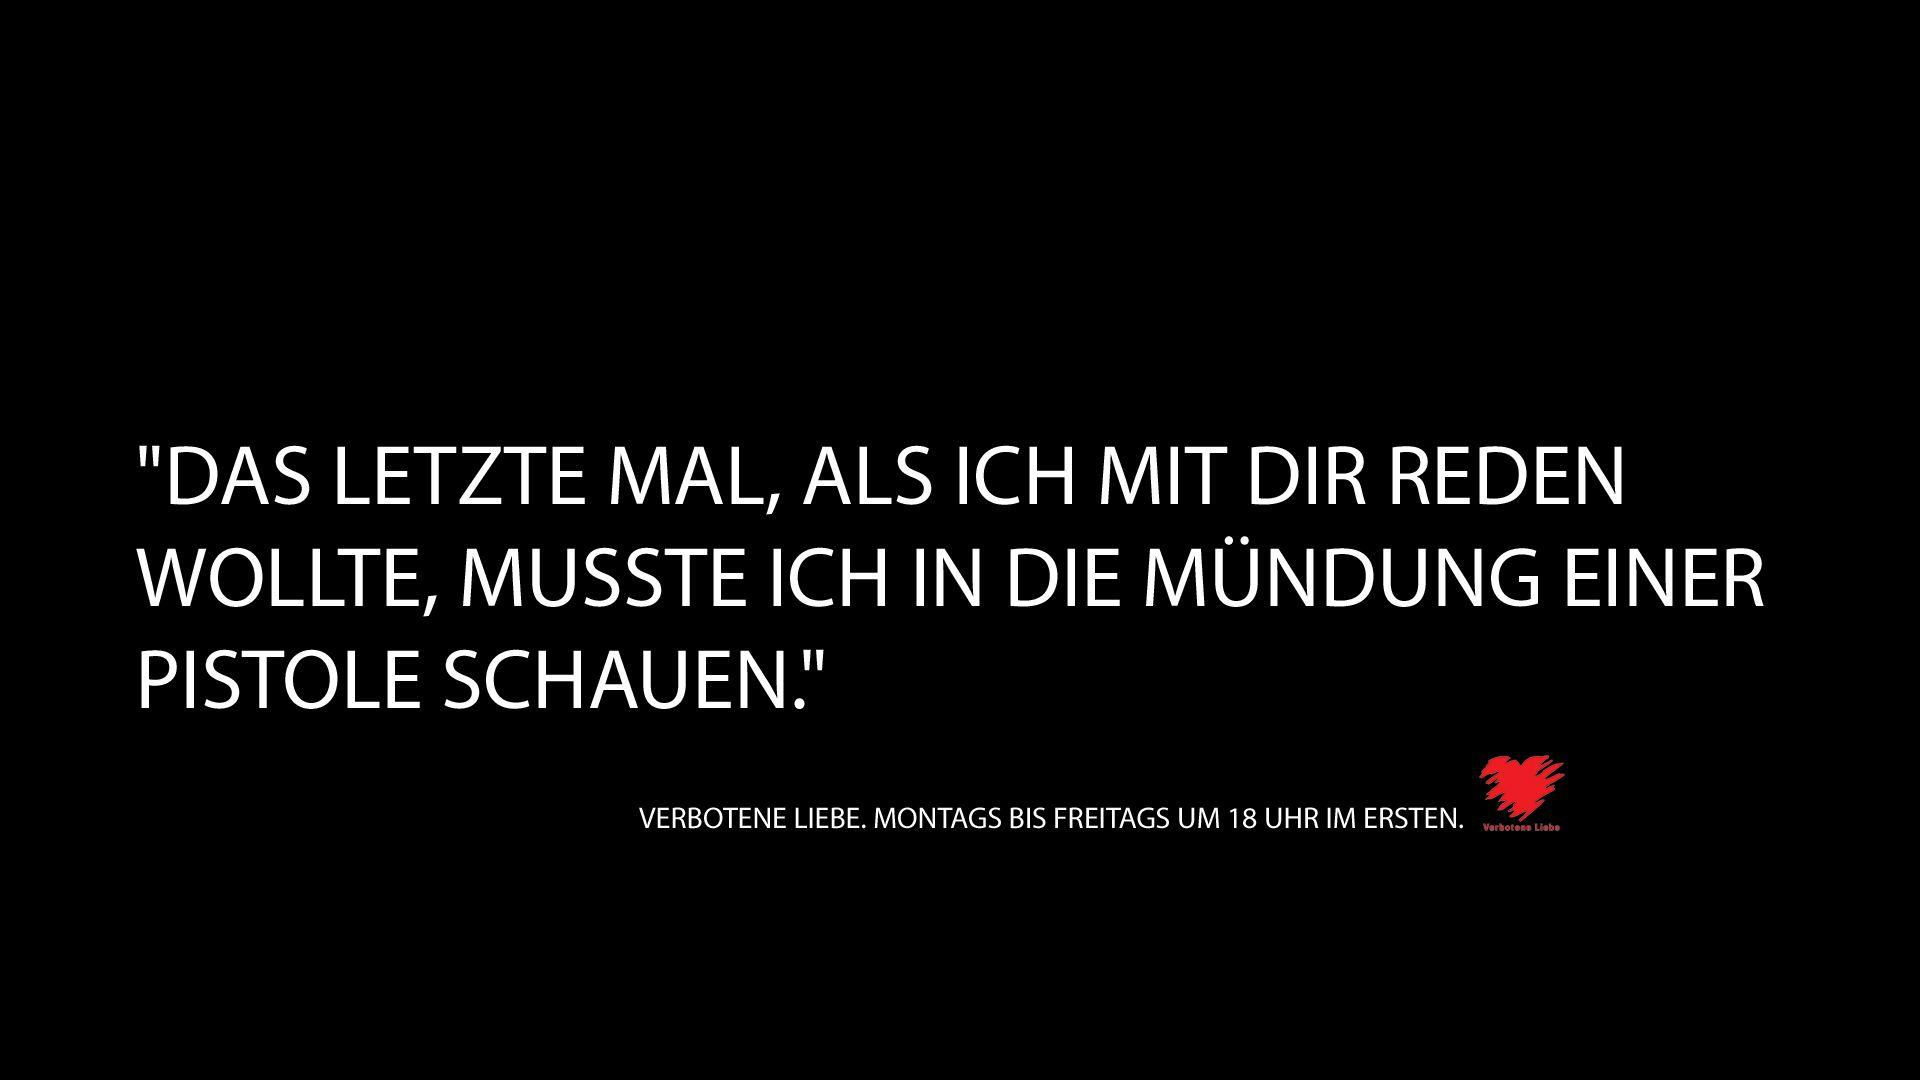 sprüche verbotene liebe Zitat Ansgar von Lahnstein #VerboteneLiebe #AnsgarvonLahnstein  sprüche verbotene liebe